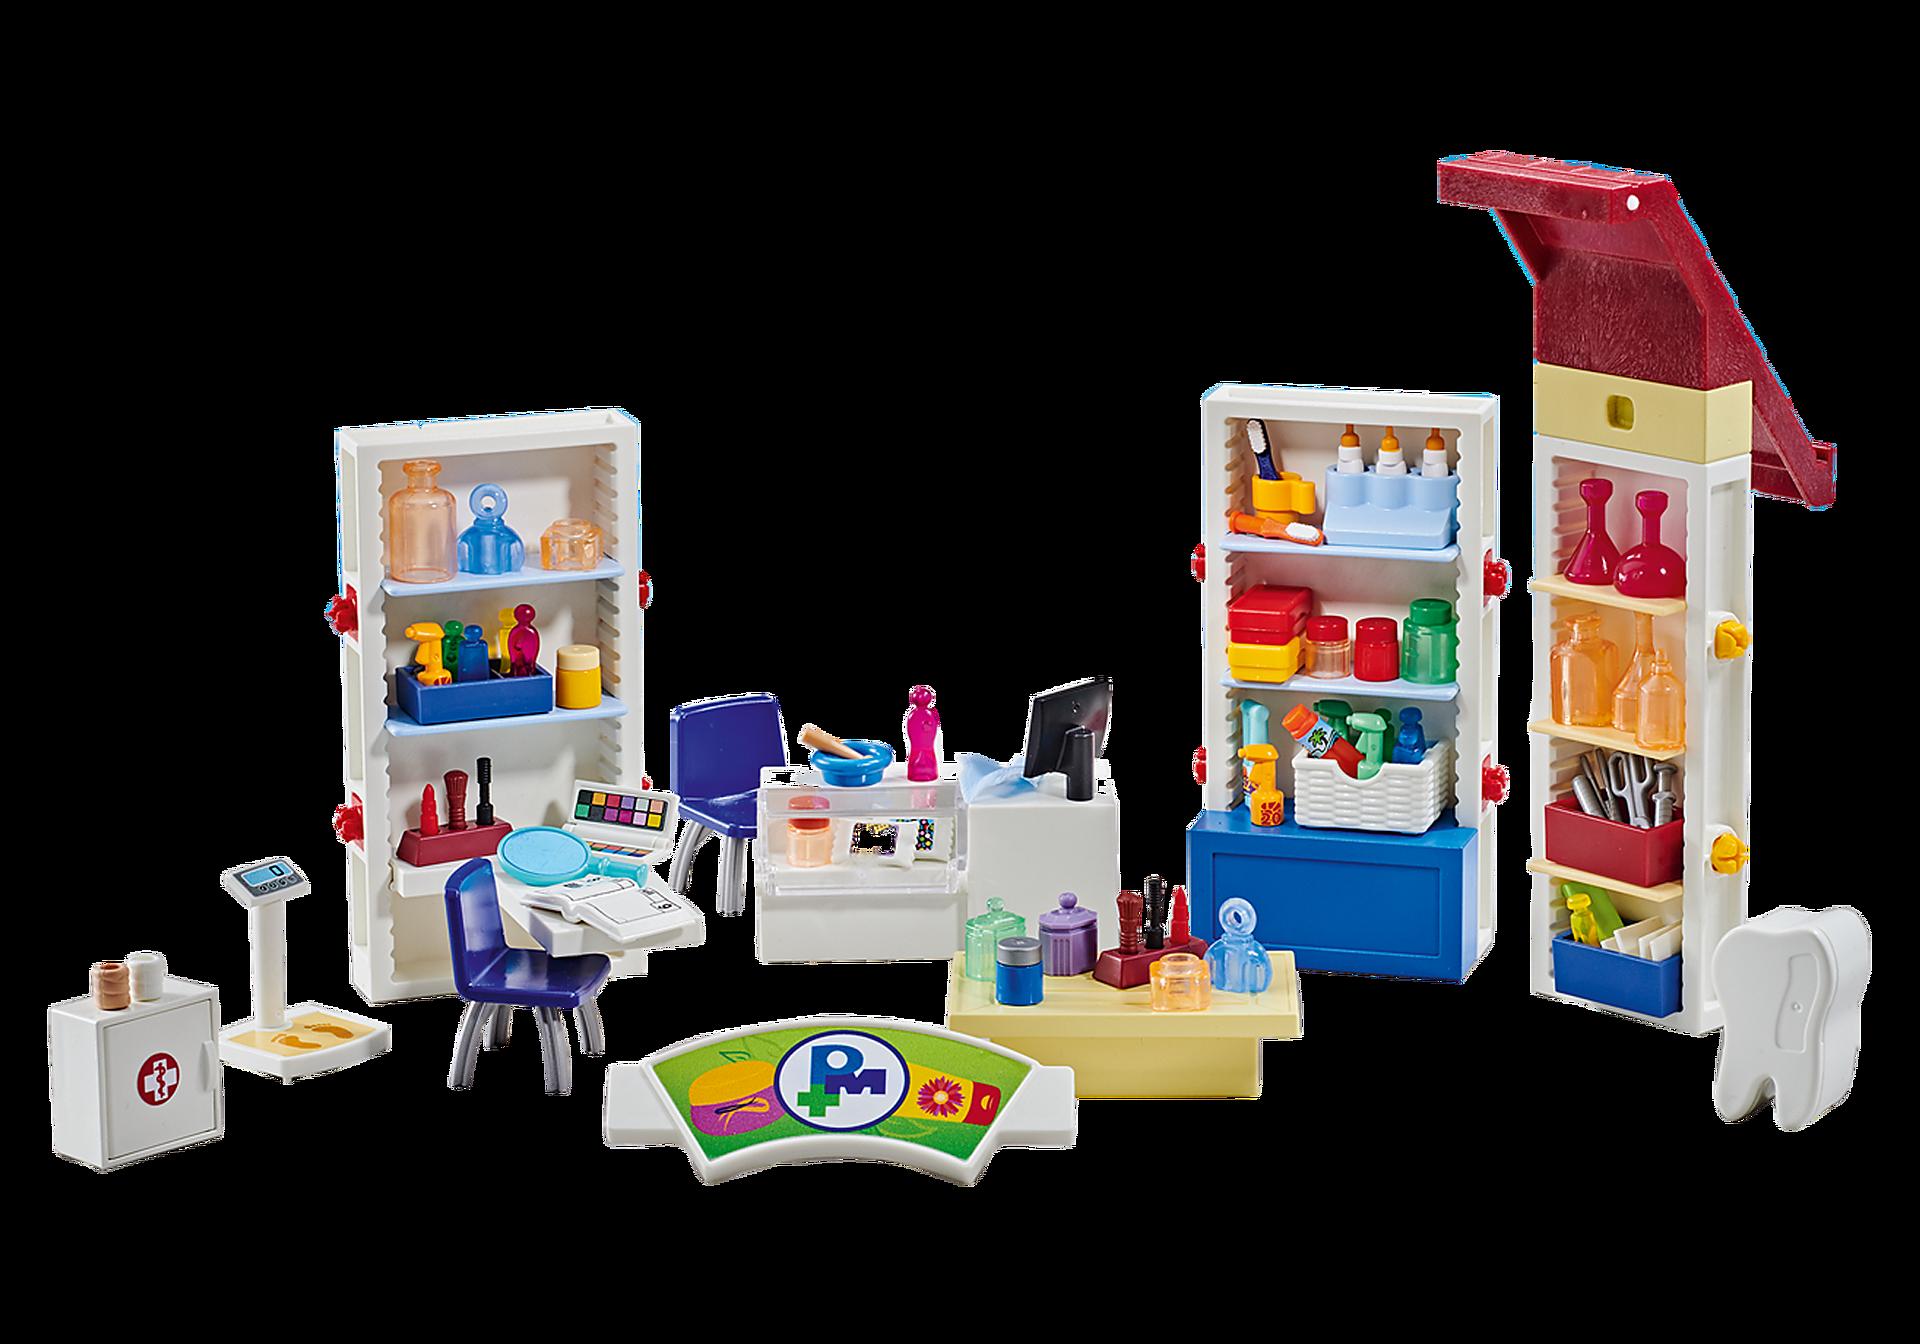 http://media.playmobil.com/i/playmobil/9808_product_detail/Apotheke